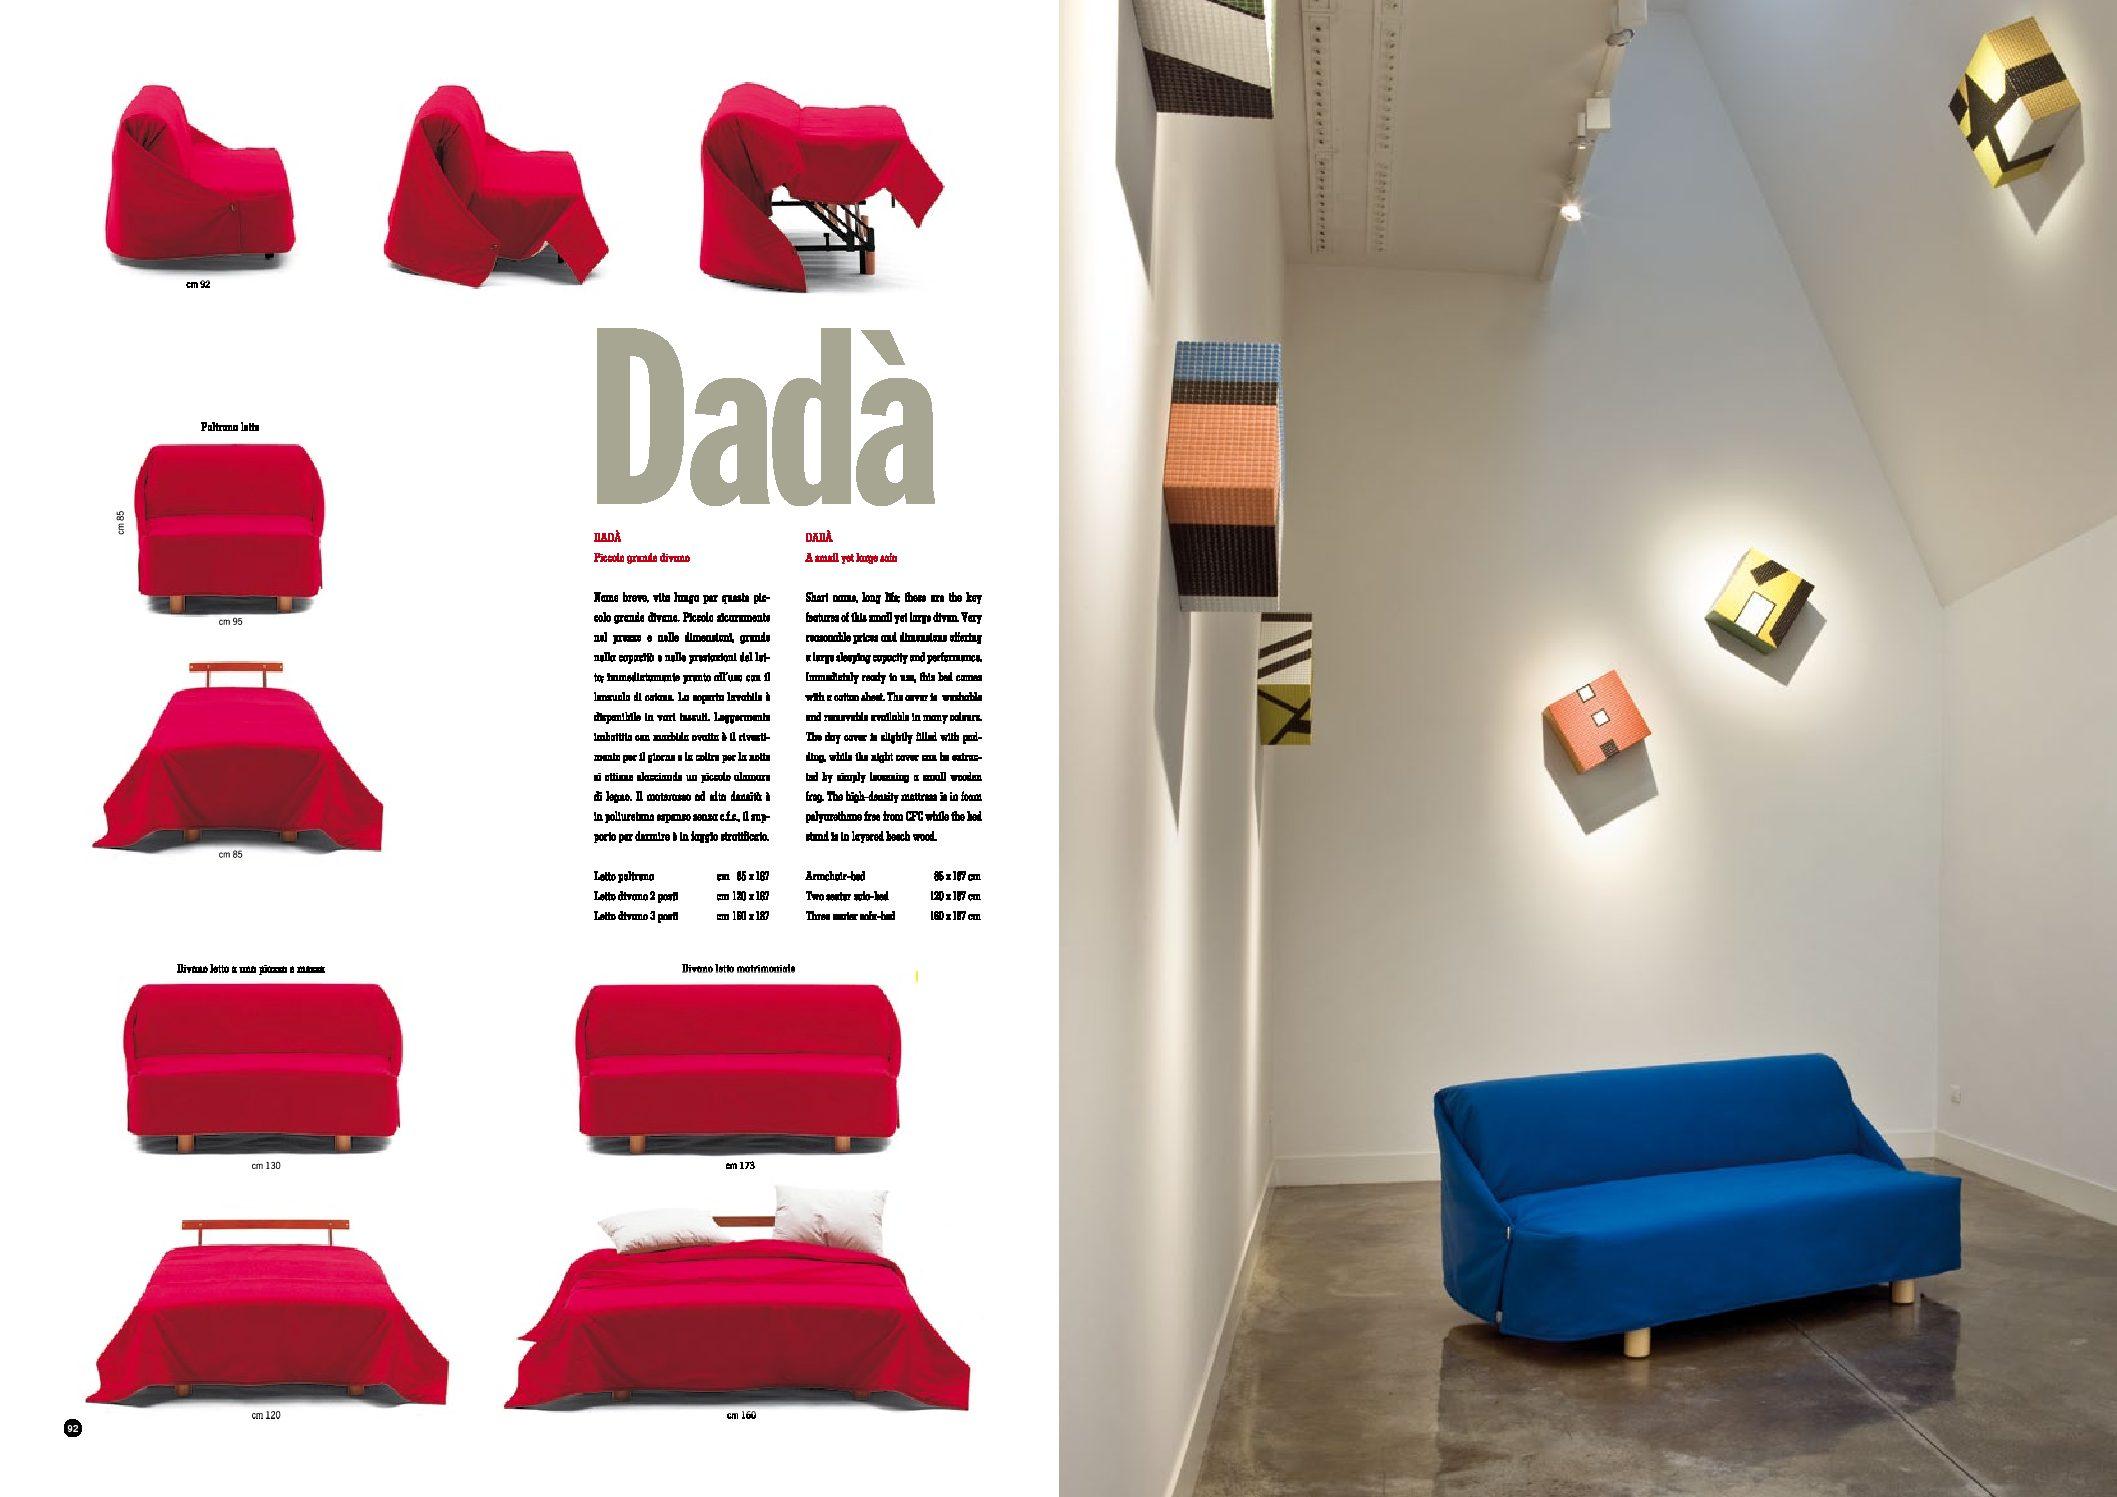 Poltrona letto Archivi - Arredamento & design